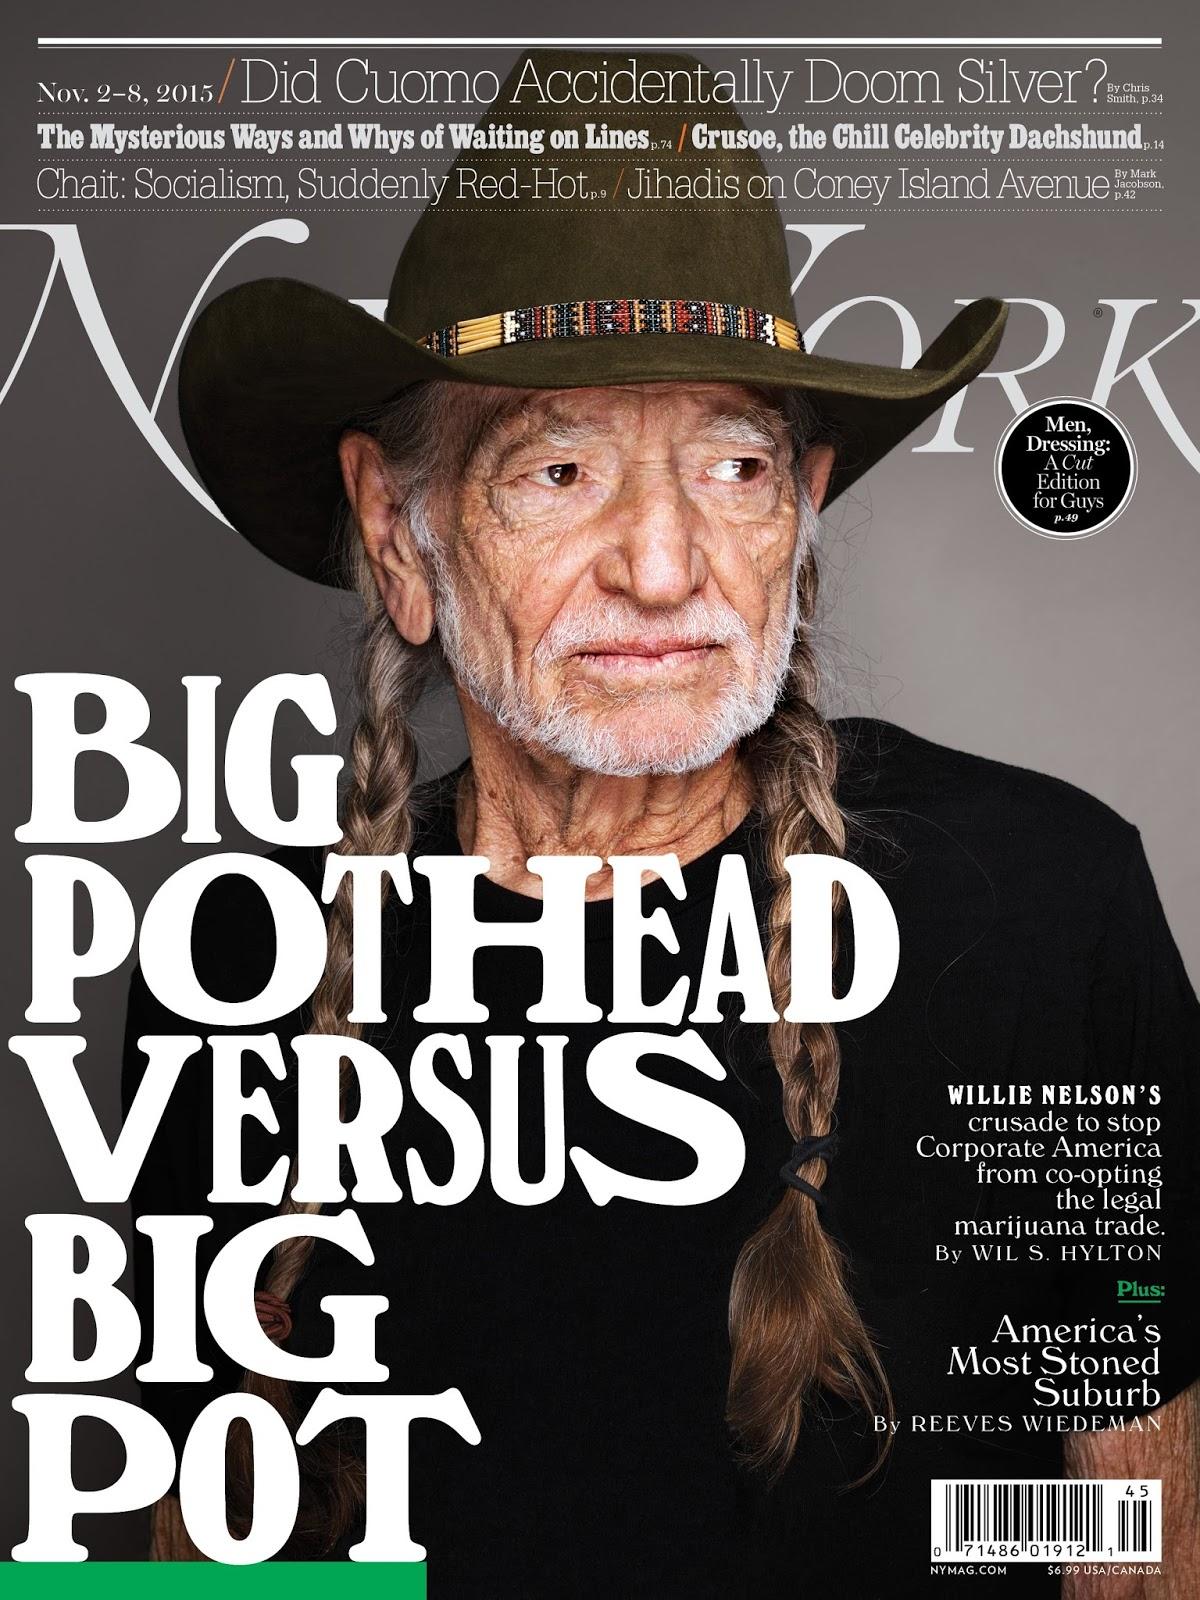 NY Magazine: Big Pothead Versus Big Pot